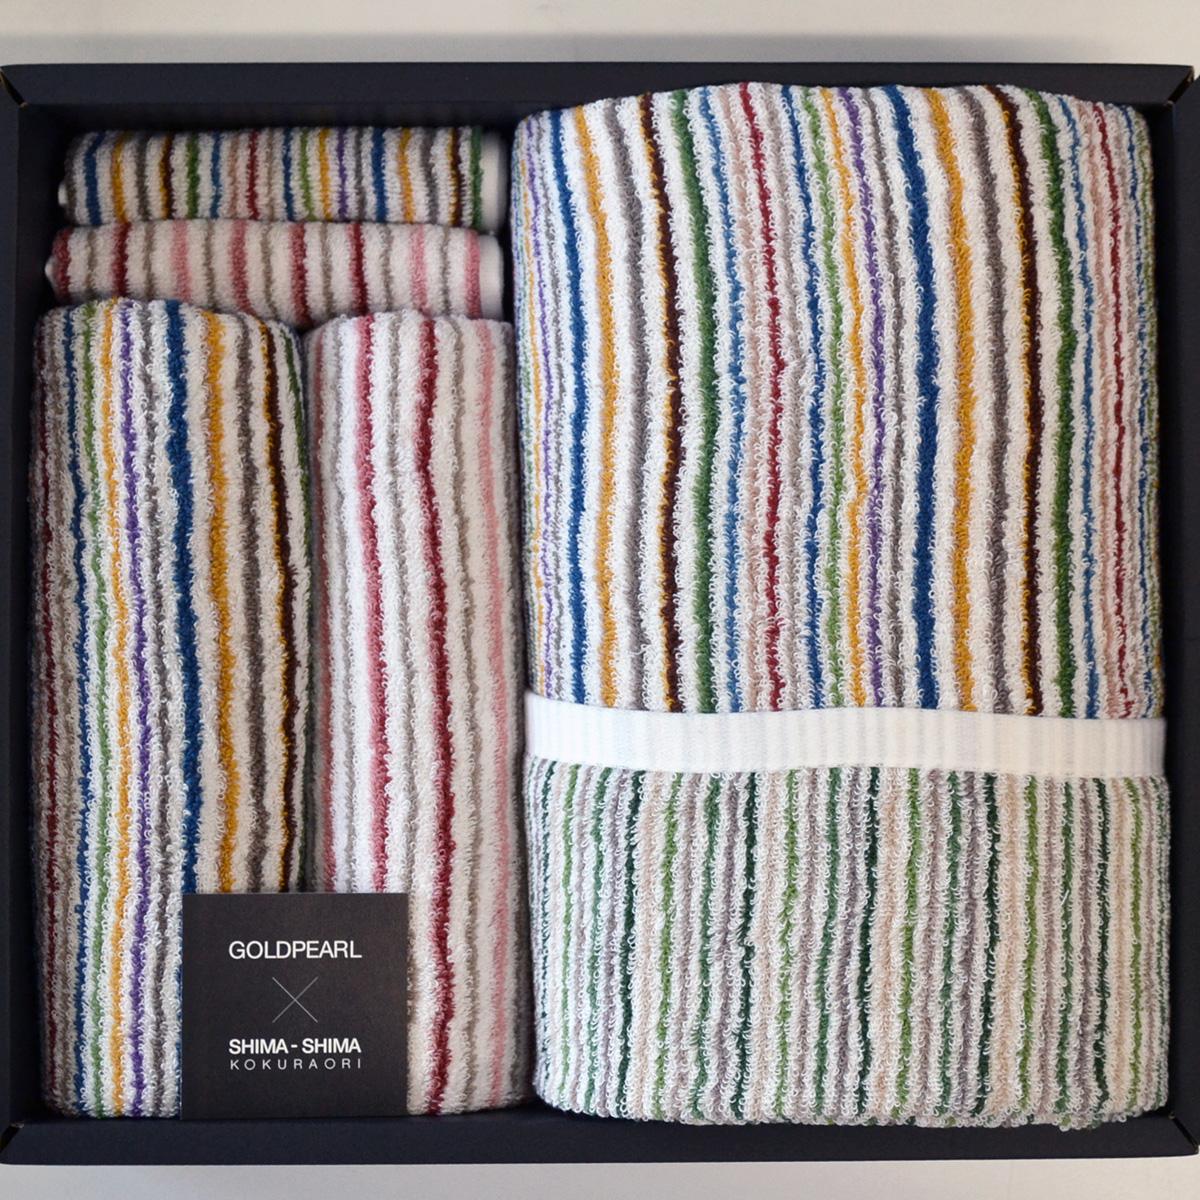 【ふるさと納税】A26-50 小倉織 縞縞 タオルセット